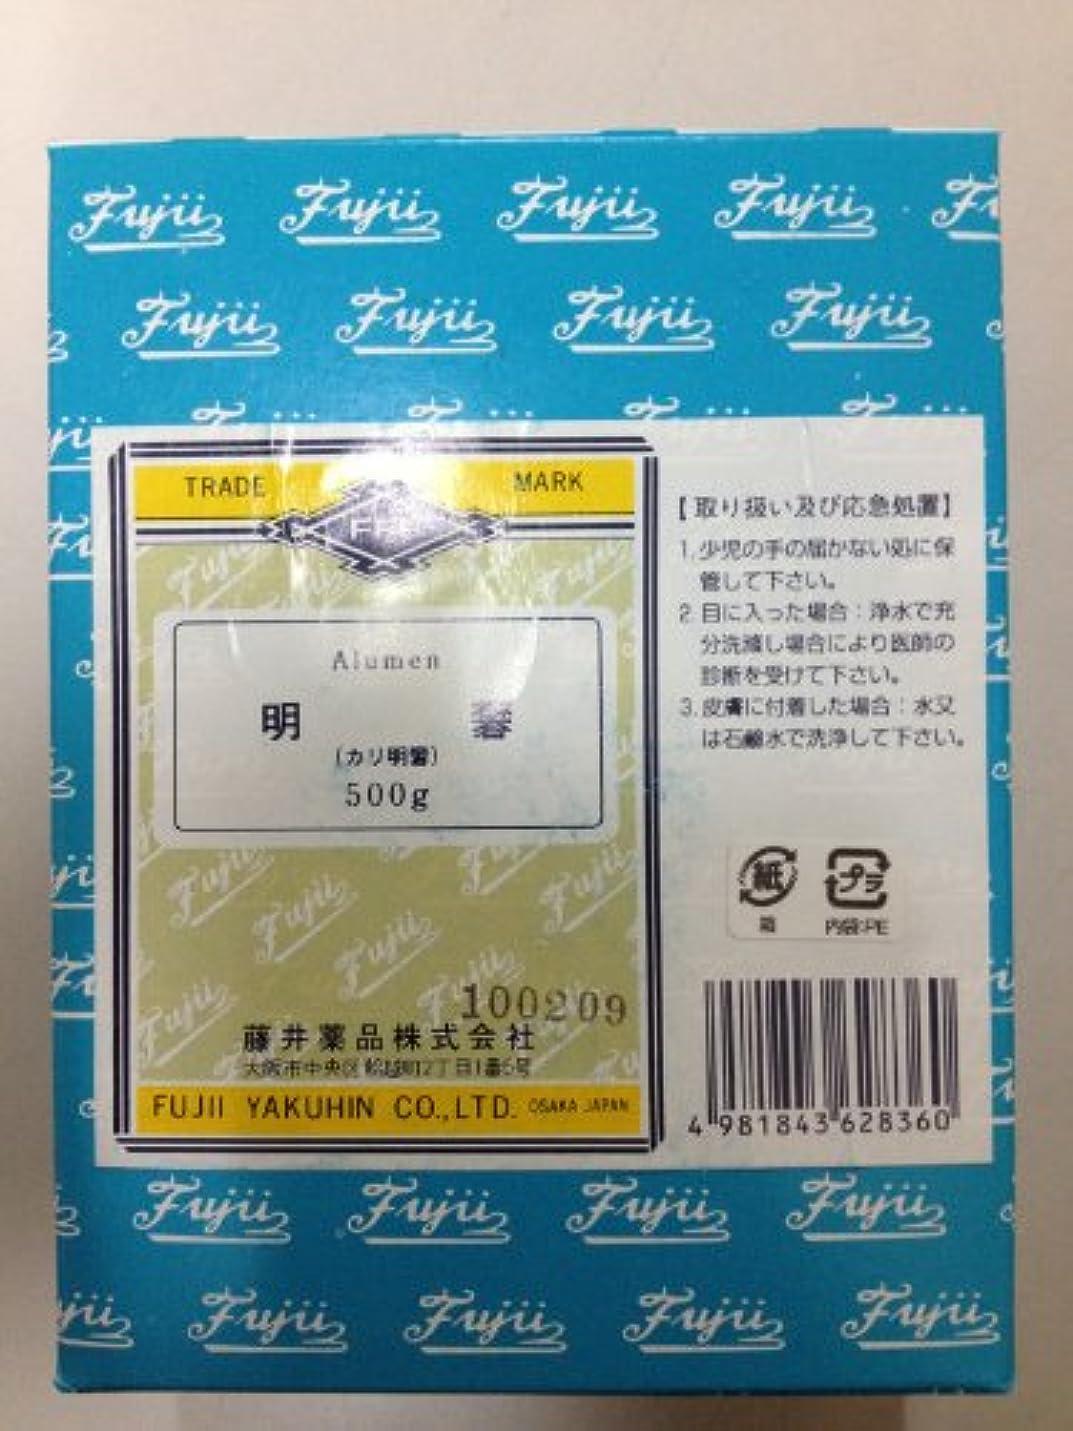 部分的にマルコポーロ人気カリ明礬500g 藤井薬品